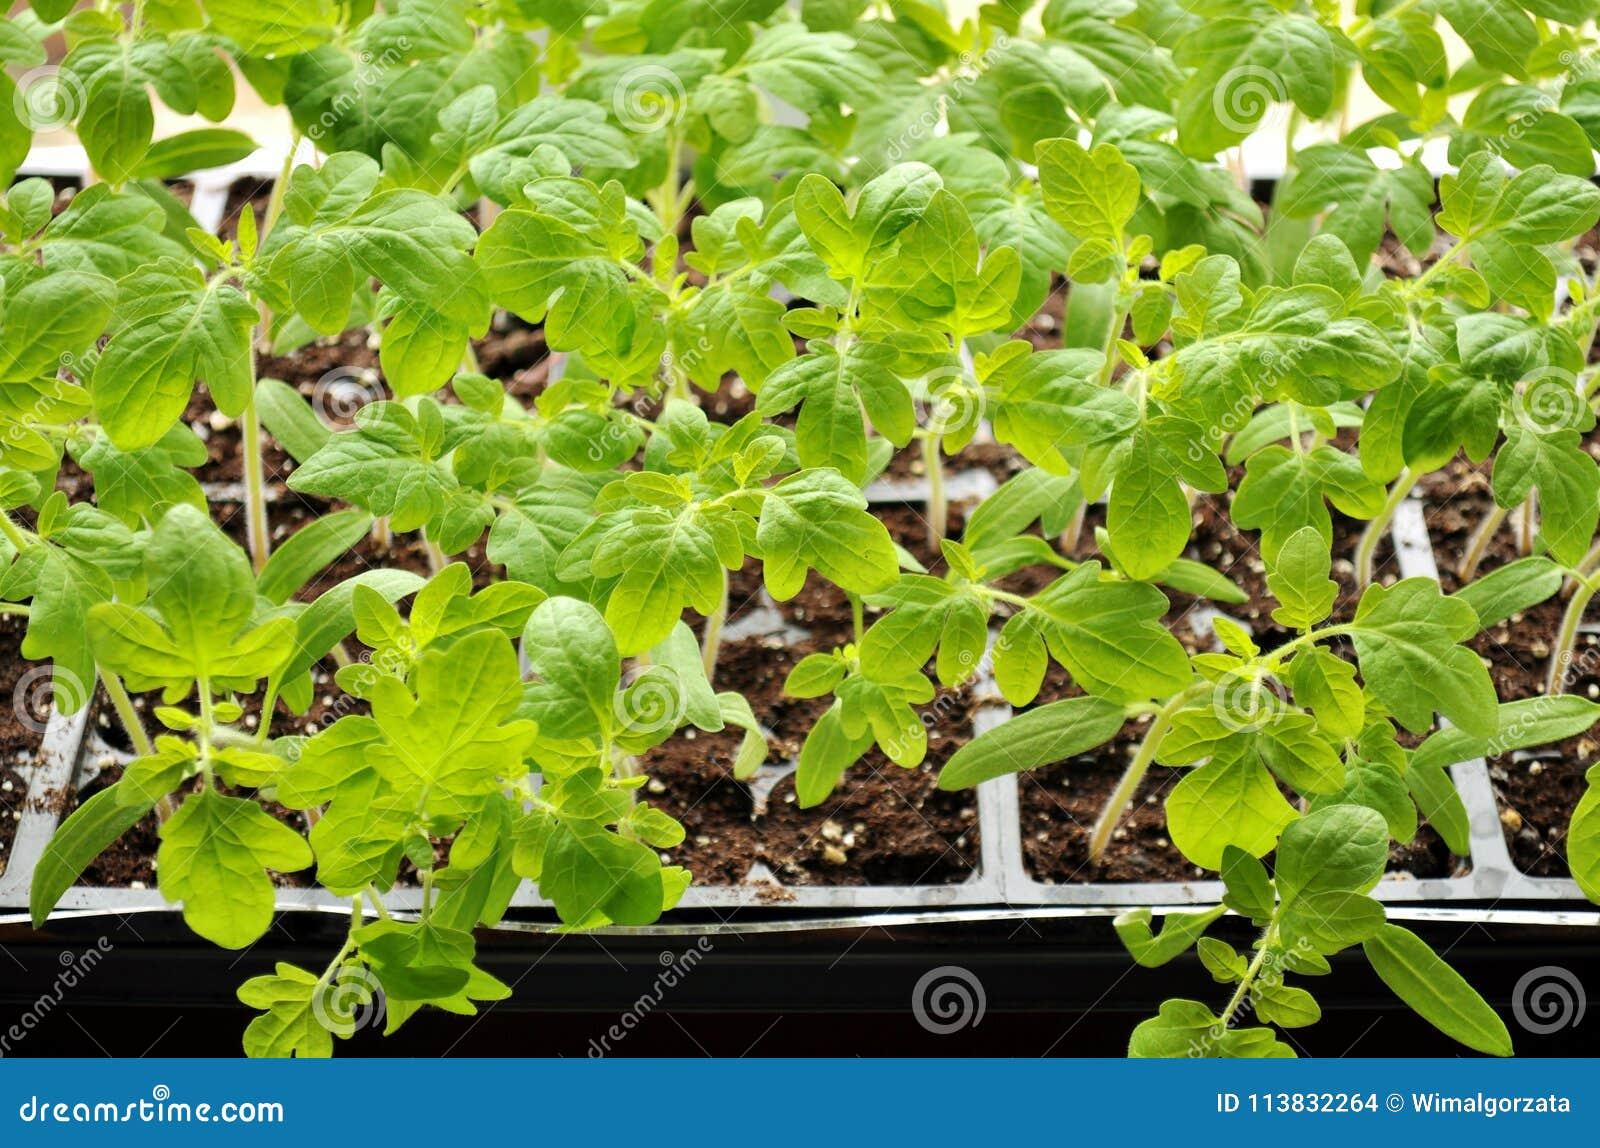 tomato seedlings growing towards the sunlight on windowsill stock